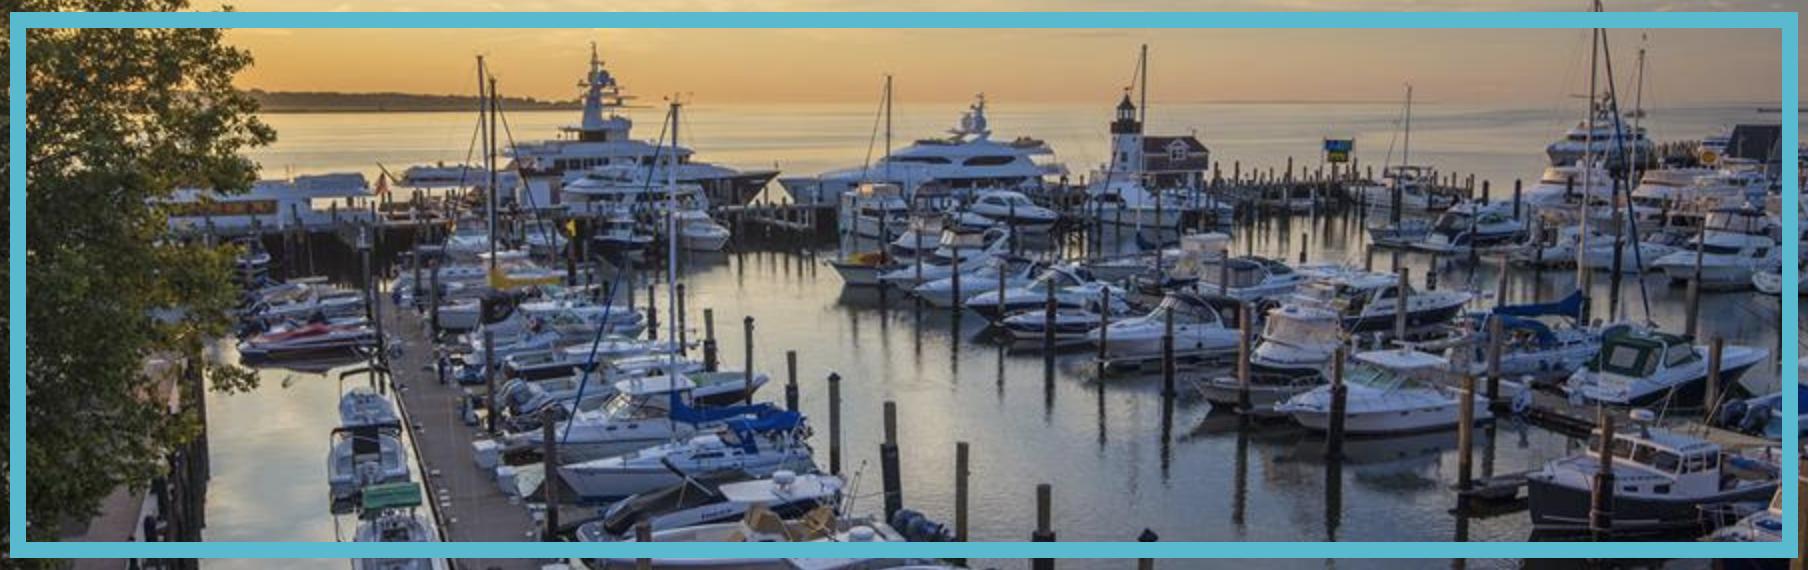 Chesapeake Bay's Best Crab Decks – Book Slips On Snag-A-Slip